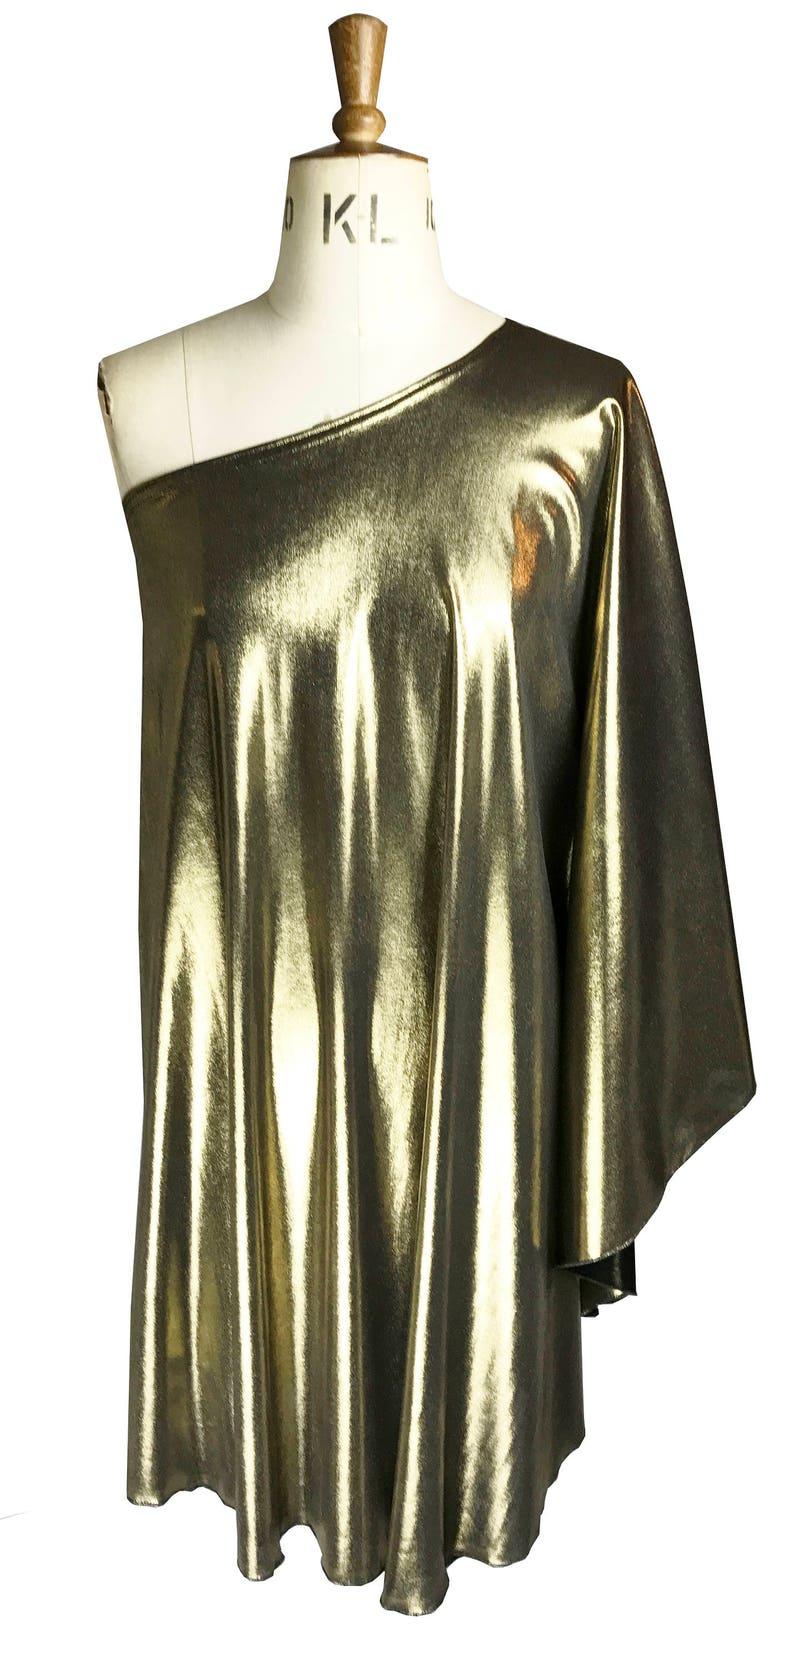 Vintage Style Dresses | Vintage Inspired Dresses Baylis & Knight Gold Lame STUDIO 54 Batwing 70s Disco Queen Glam One Shoulder Bat Wing Dress Elegant (Smock) $84.61 AT vintagedancer.com